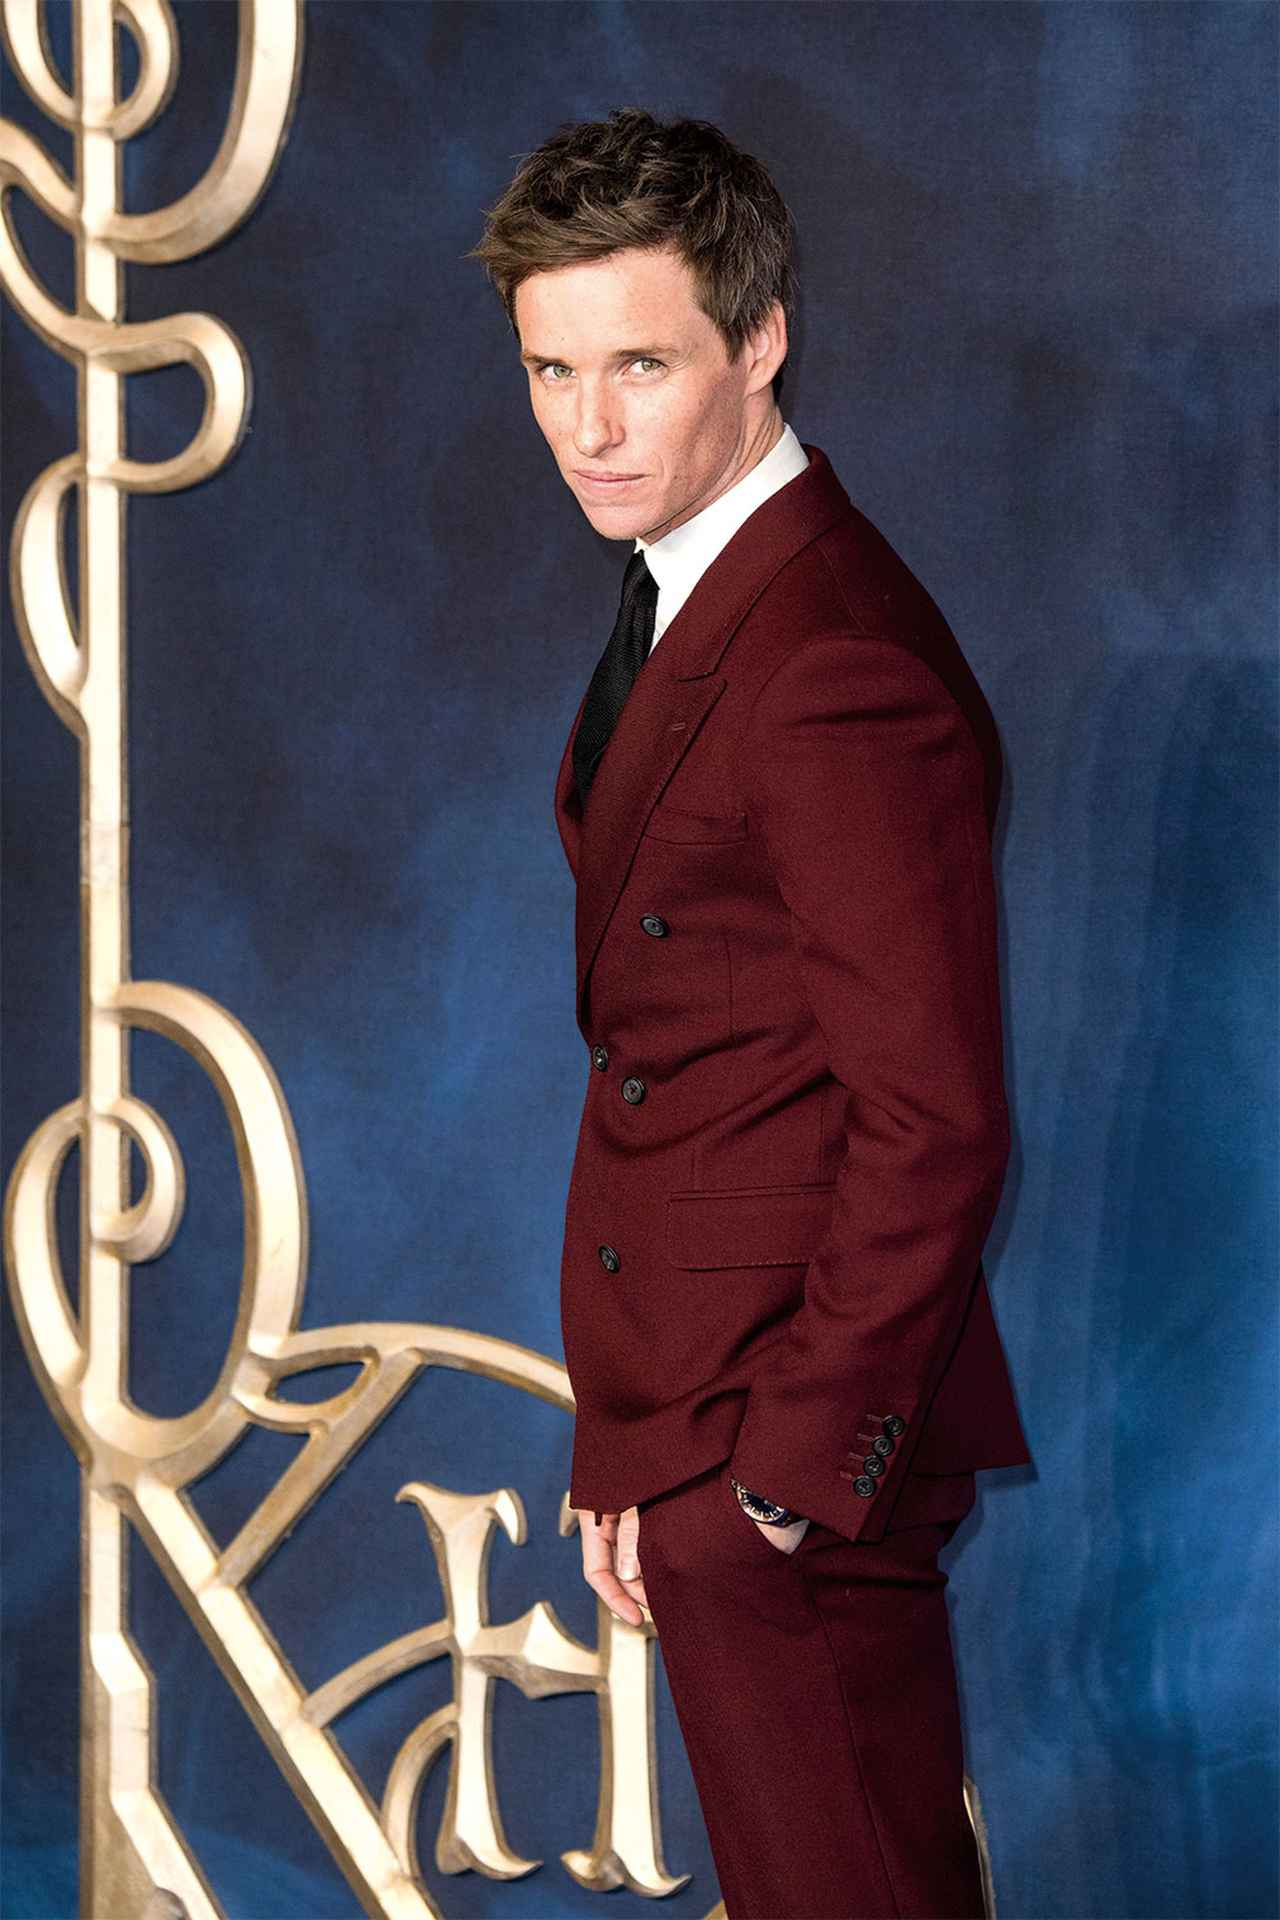 画像7: 【あなたの推しは誰?】英国男優が魅せるダンディズムという矜持